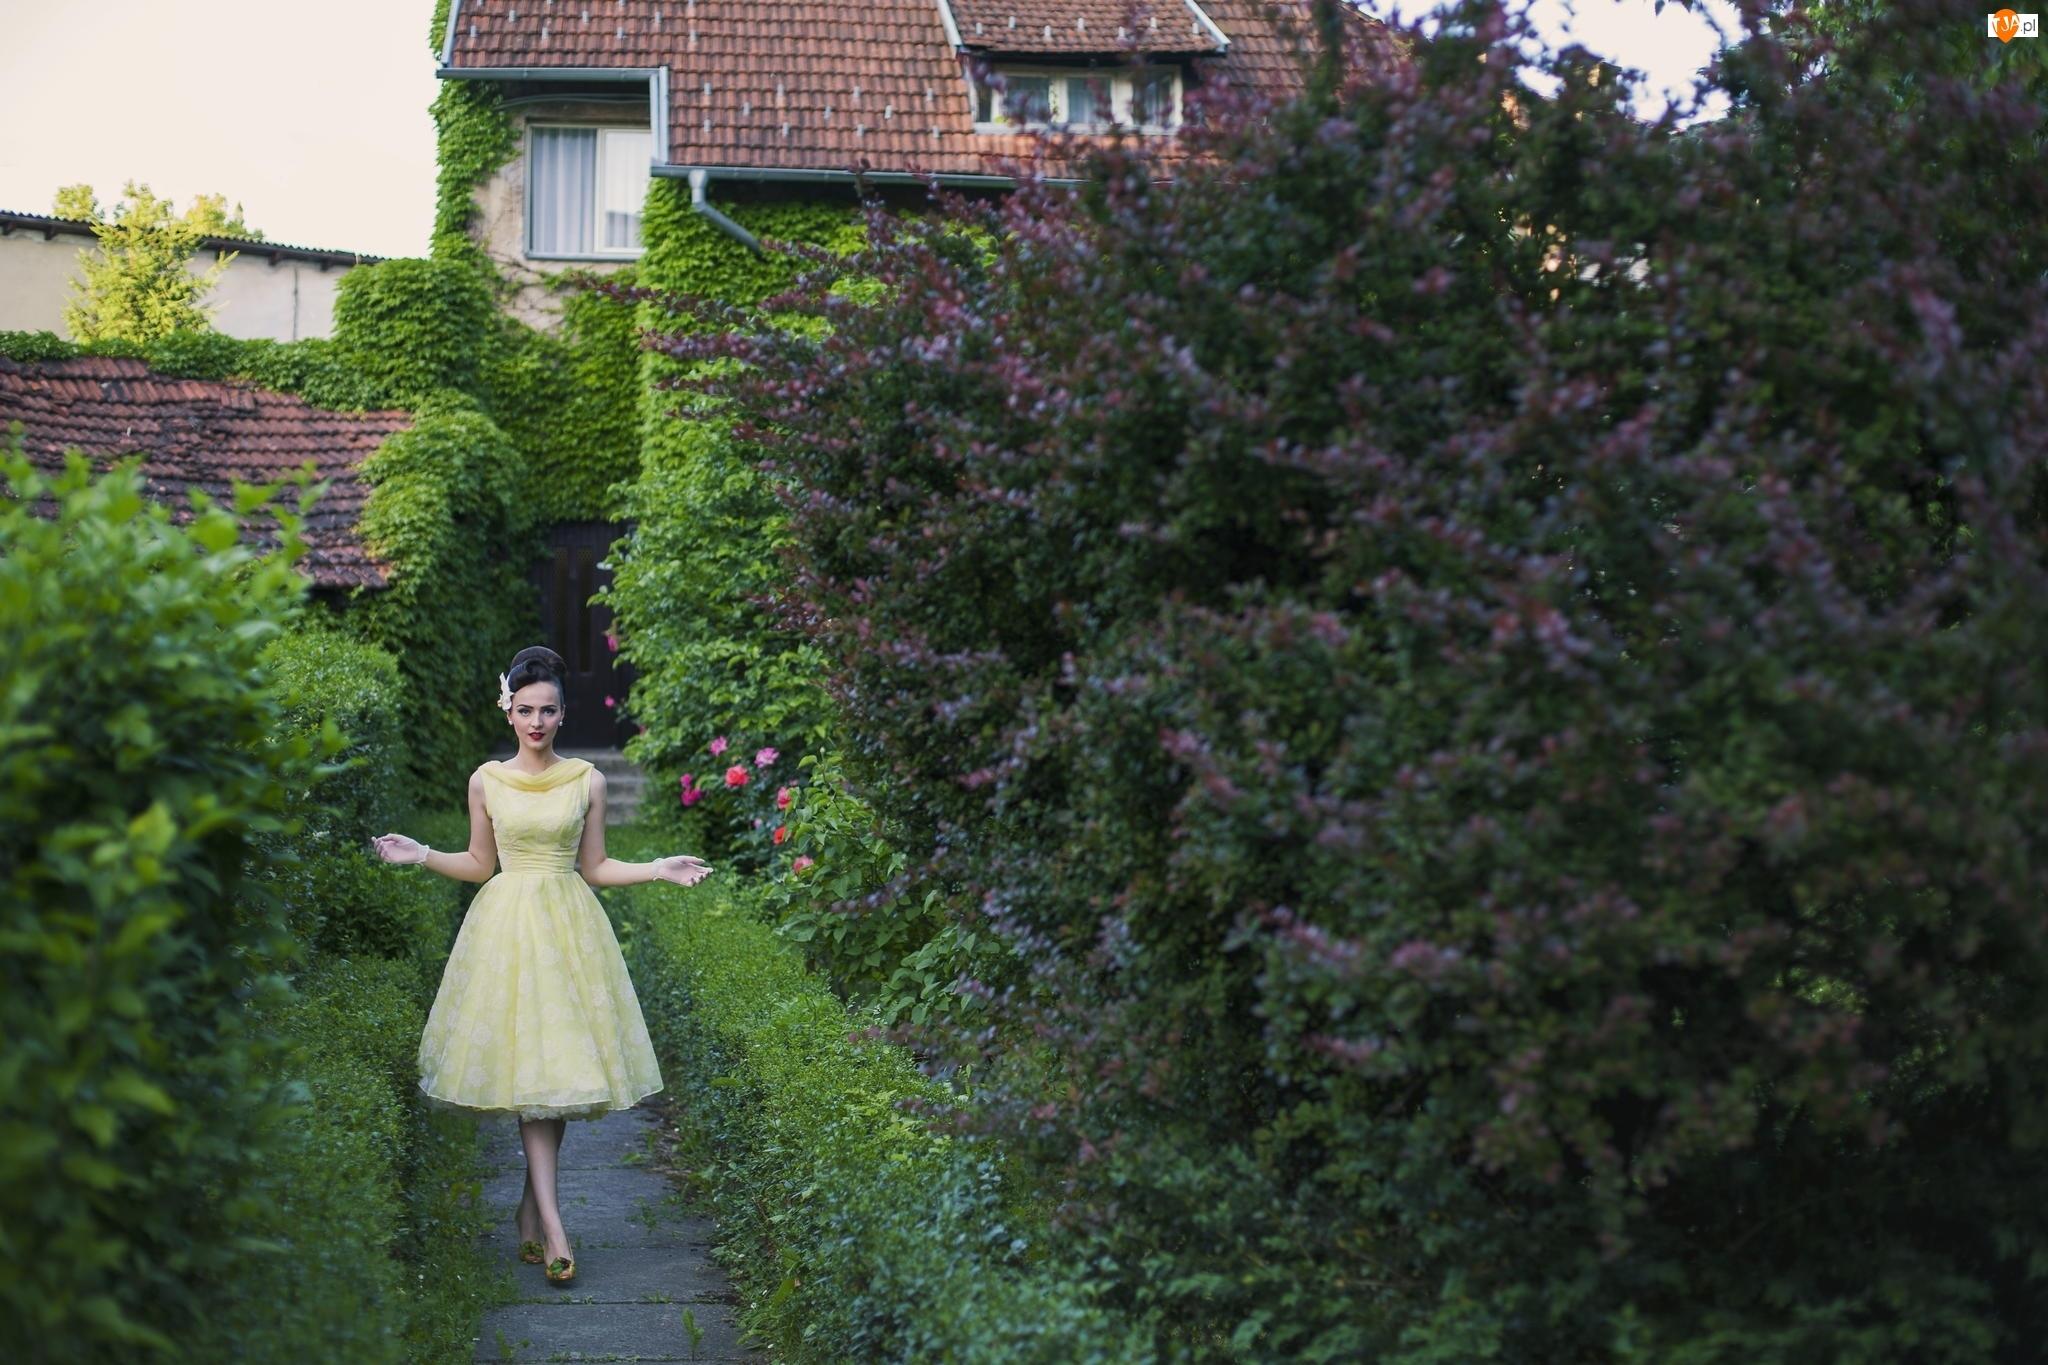 Ogród, Drzewa, Kobieta, Krzewy, Dom, Kwitnące